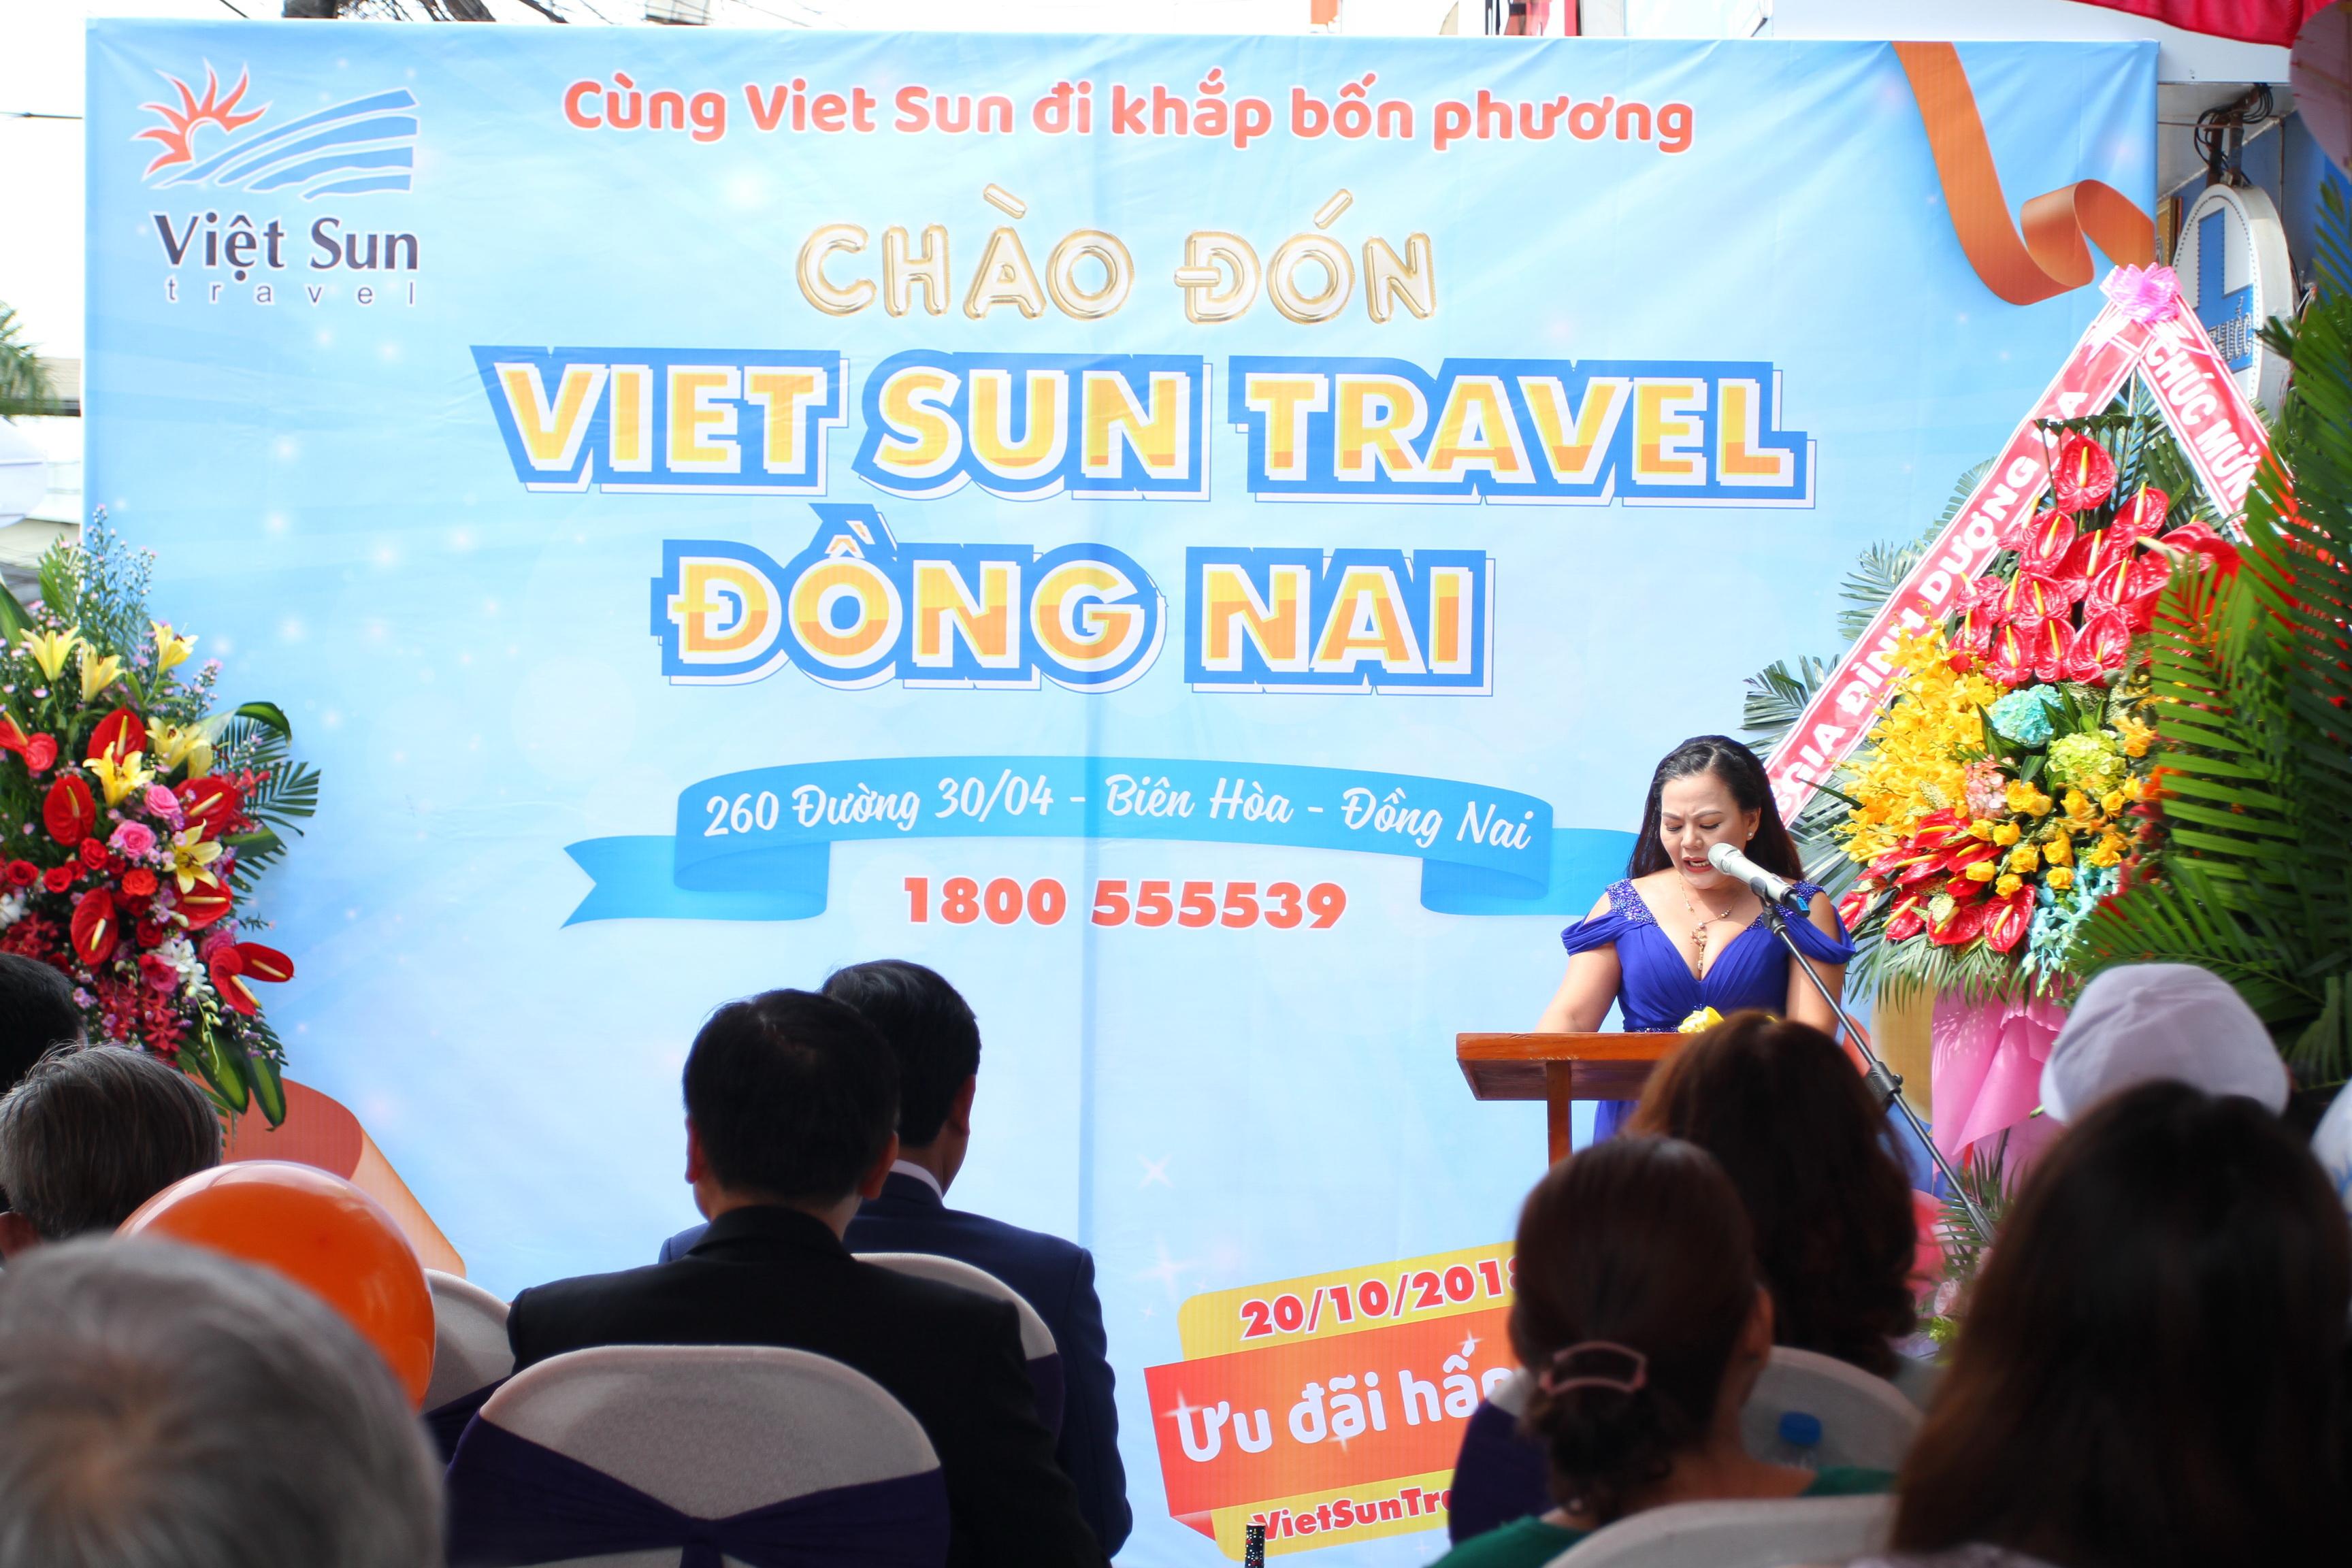 VietSun Travel - Công ty du lịch nào giá rẻ và tốt